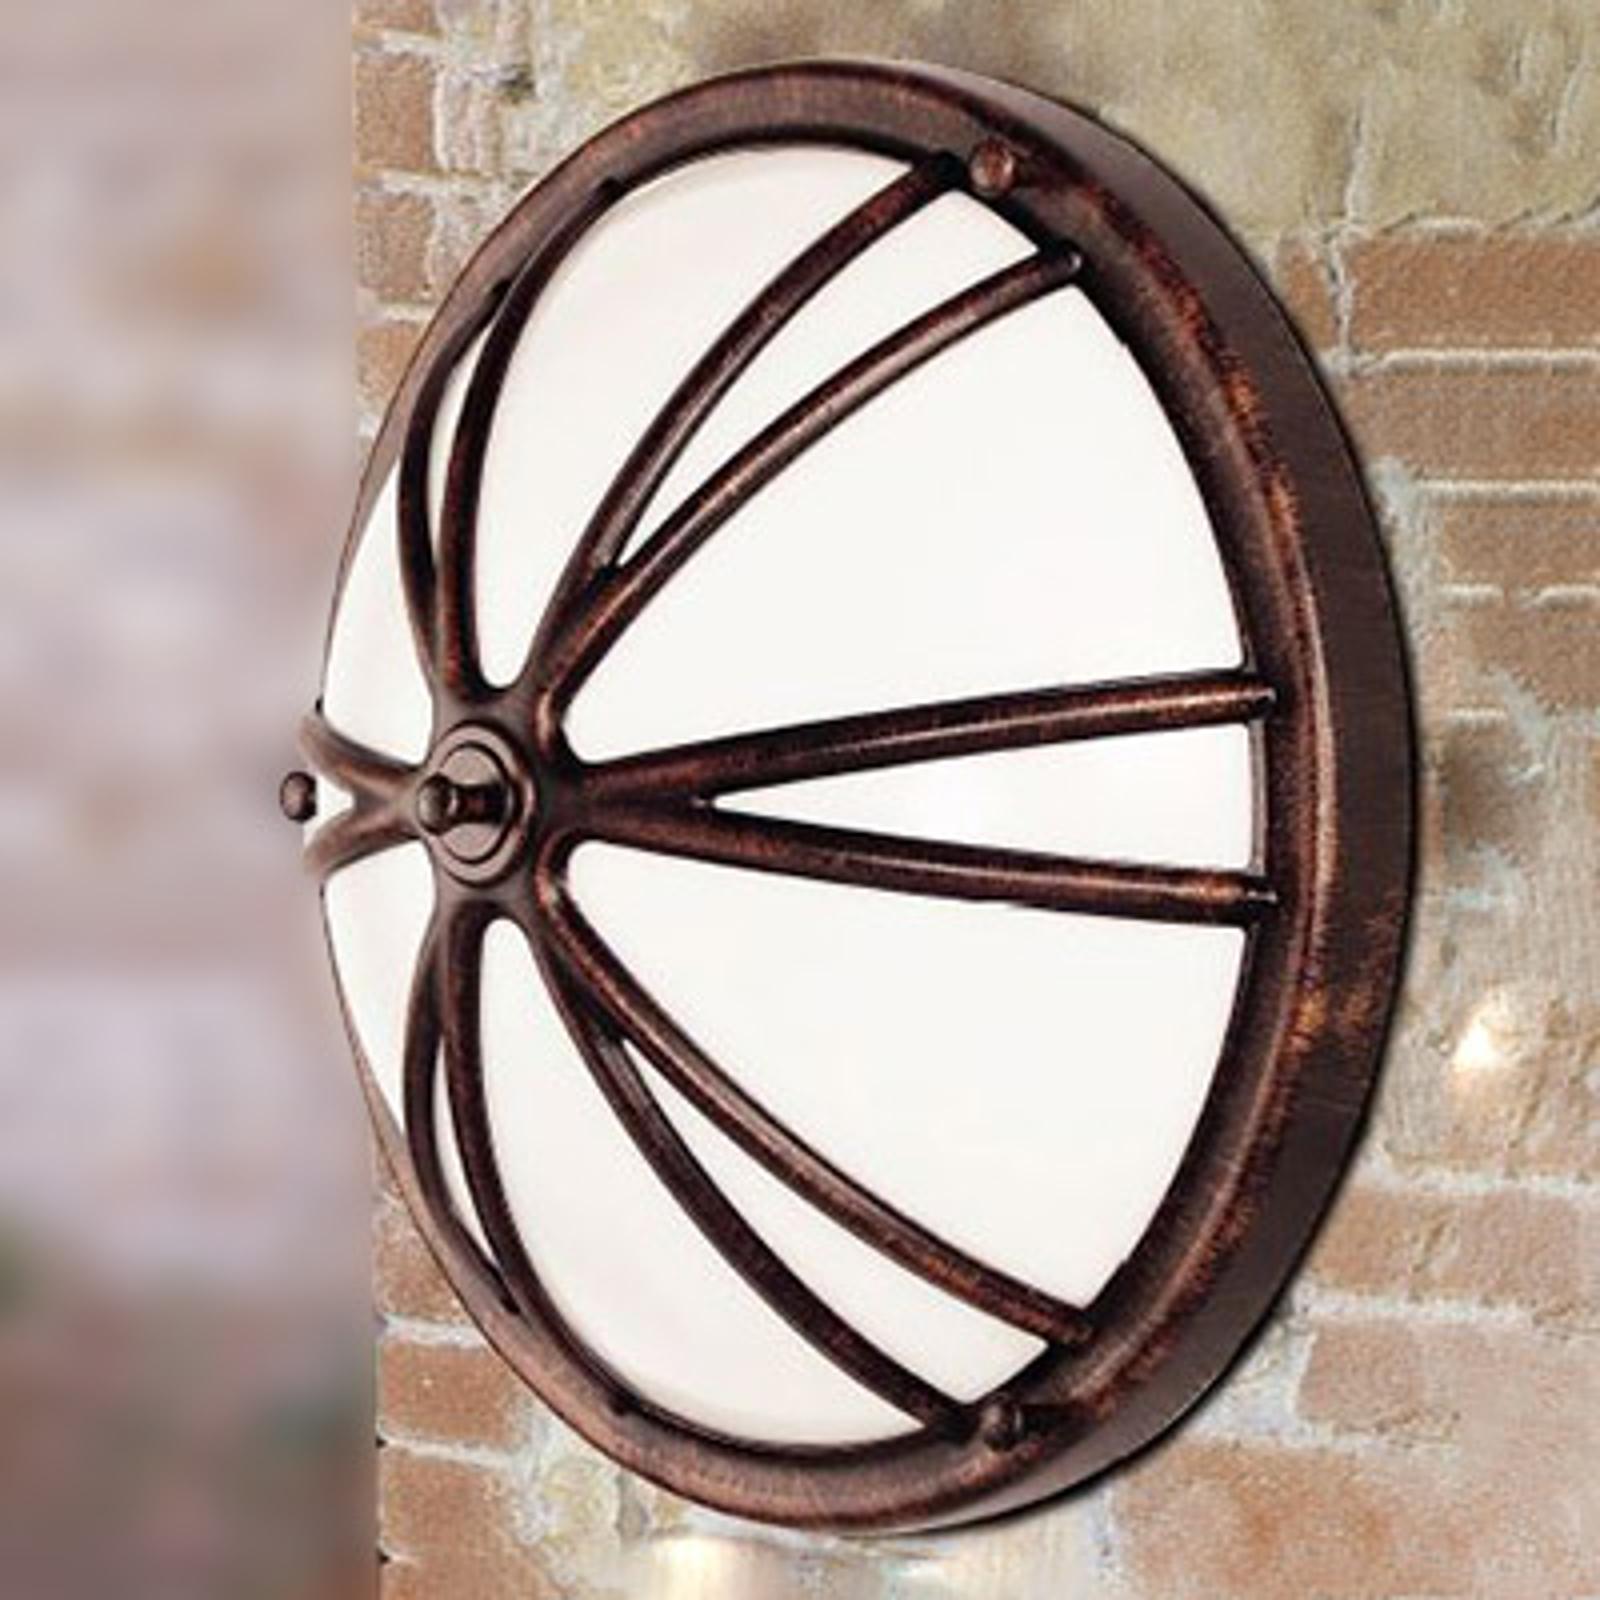 CHARLY – okrągła zewnętrzna lampa ścienna